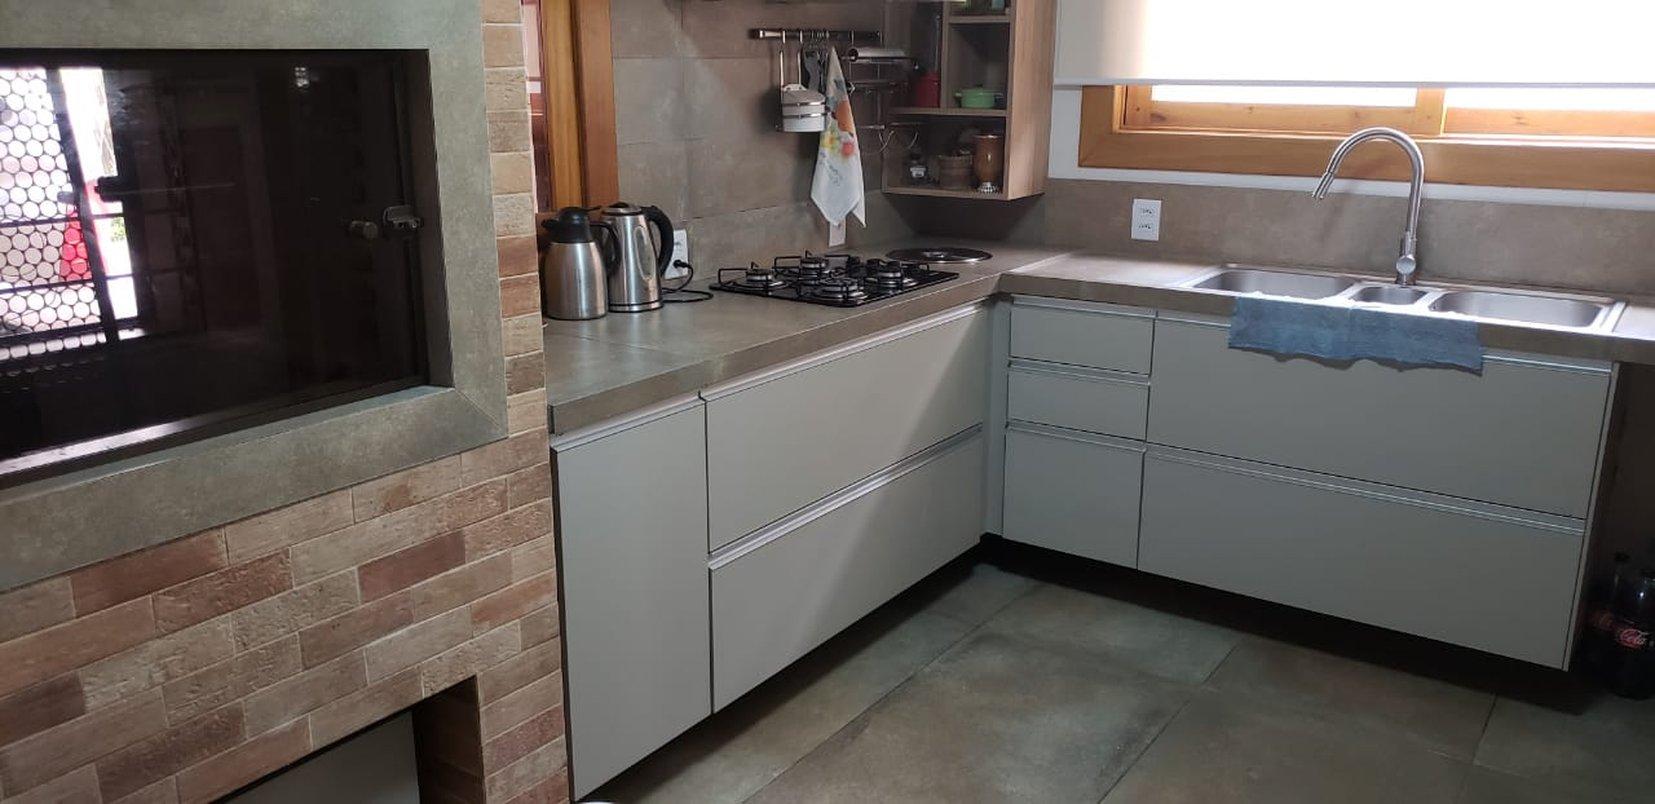 Piso,bancada e parede - Concretissyma Match wine 60x120 ret